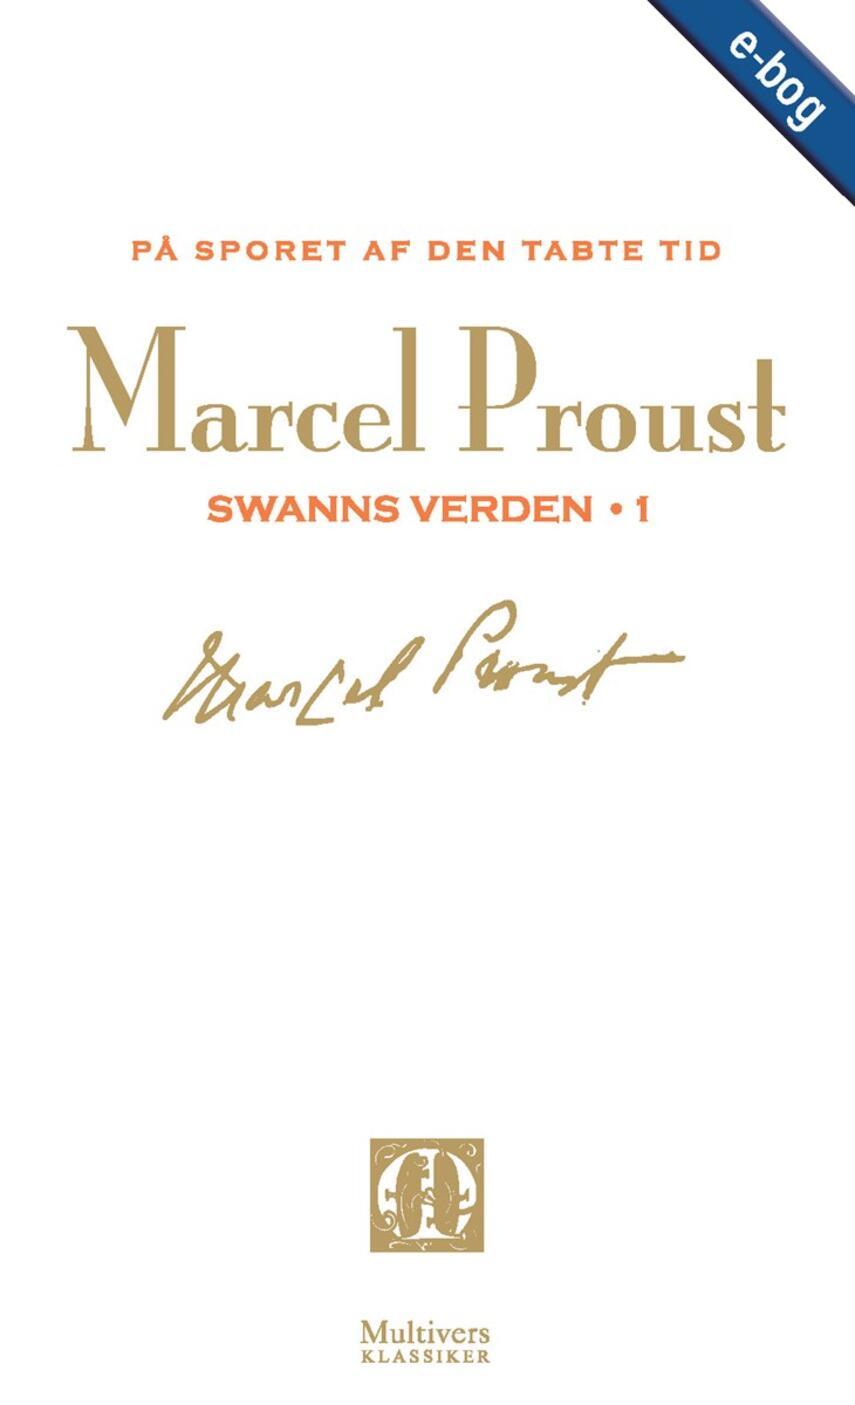 Marcel Proust: På sporet af den tabte tid. Bind 1, Swanns verden, 1